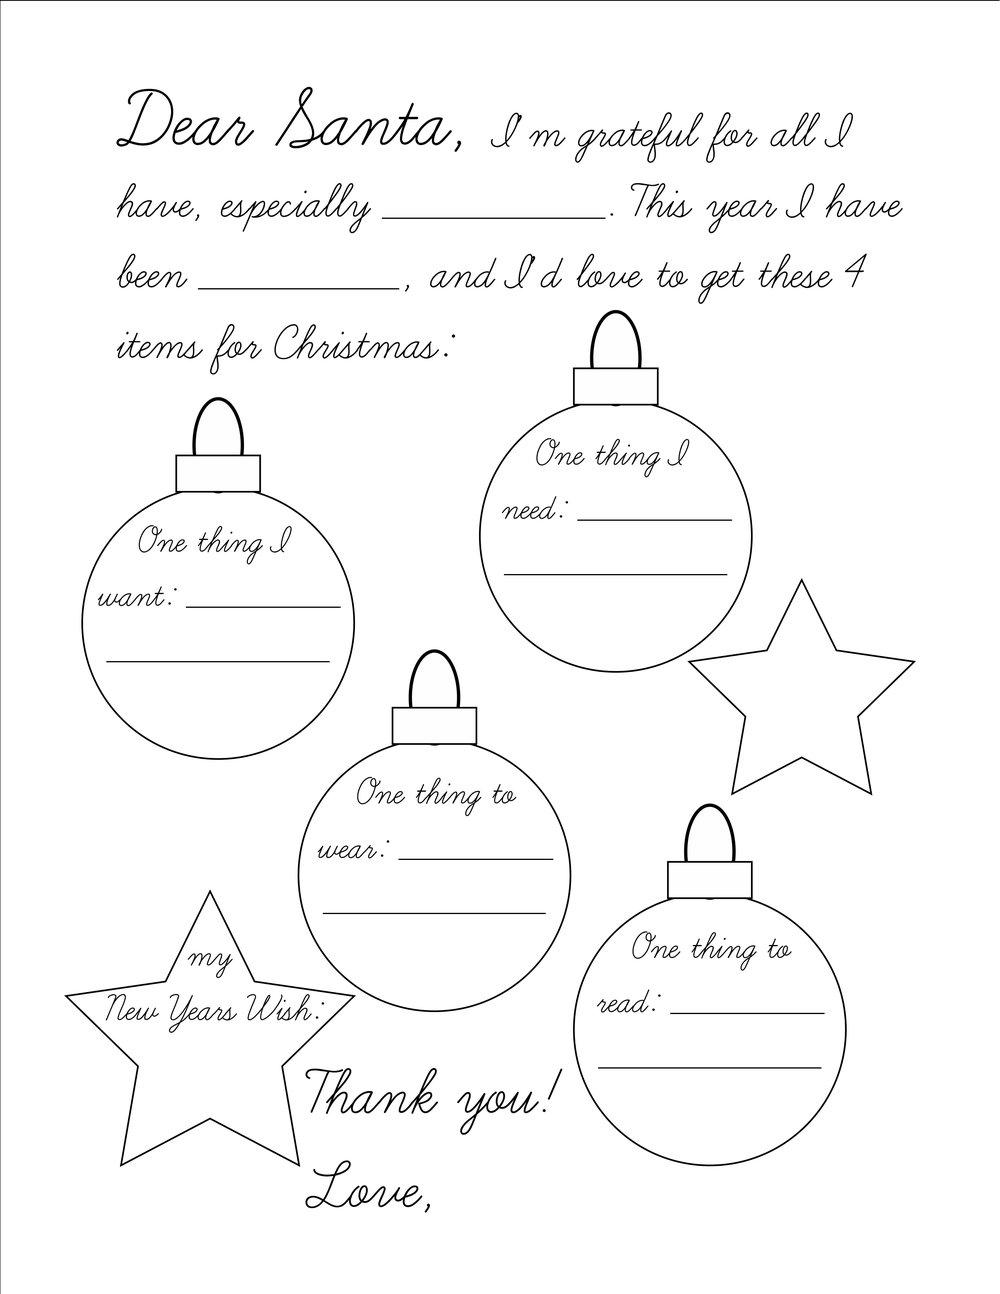 4 Things For Christmas.Christmas Wishlist Free Printable Ramona Rose